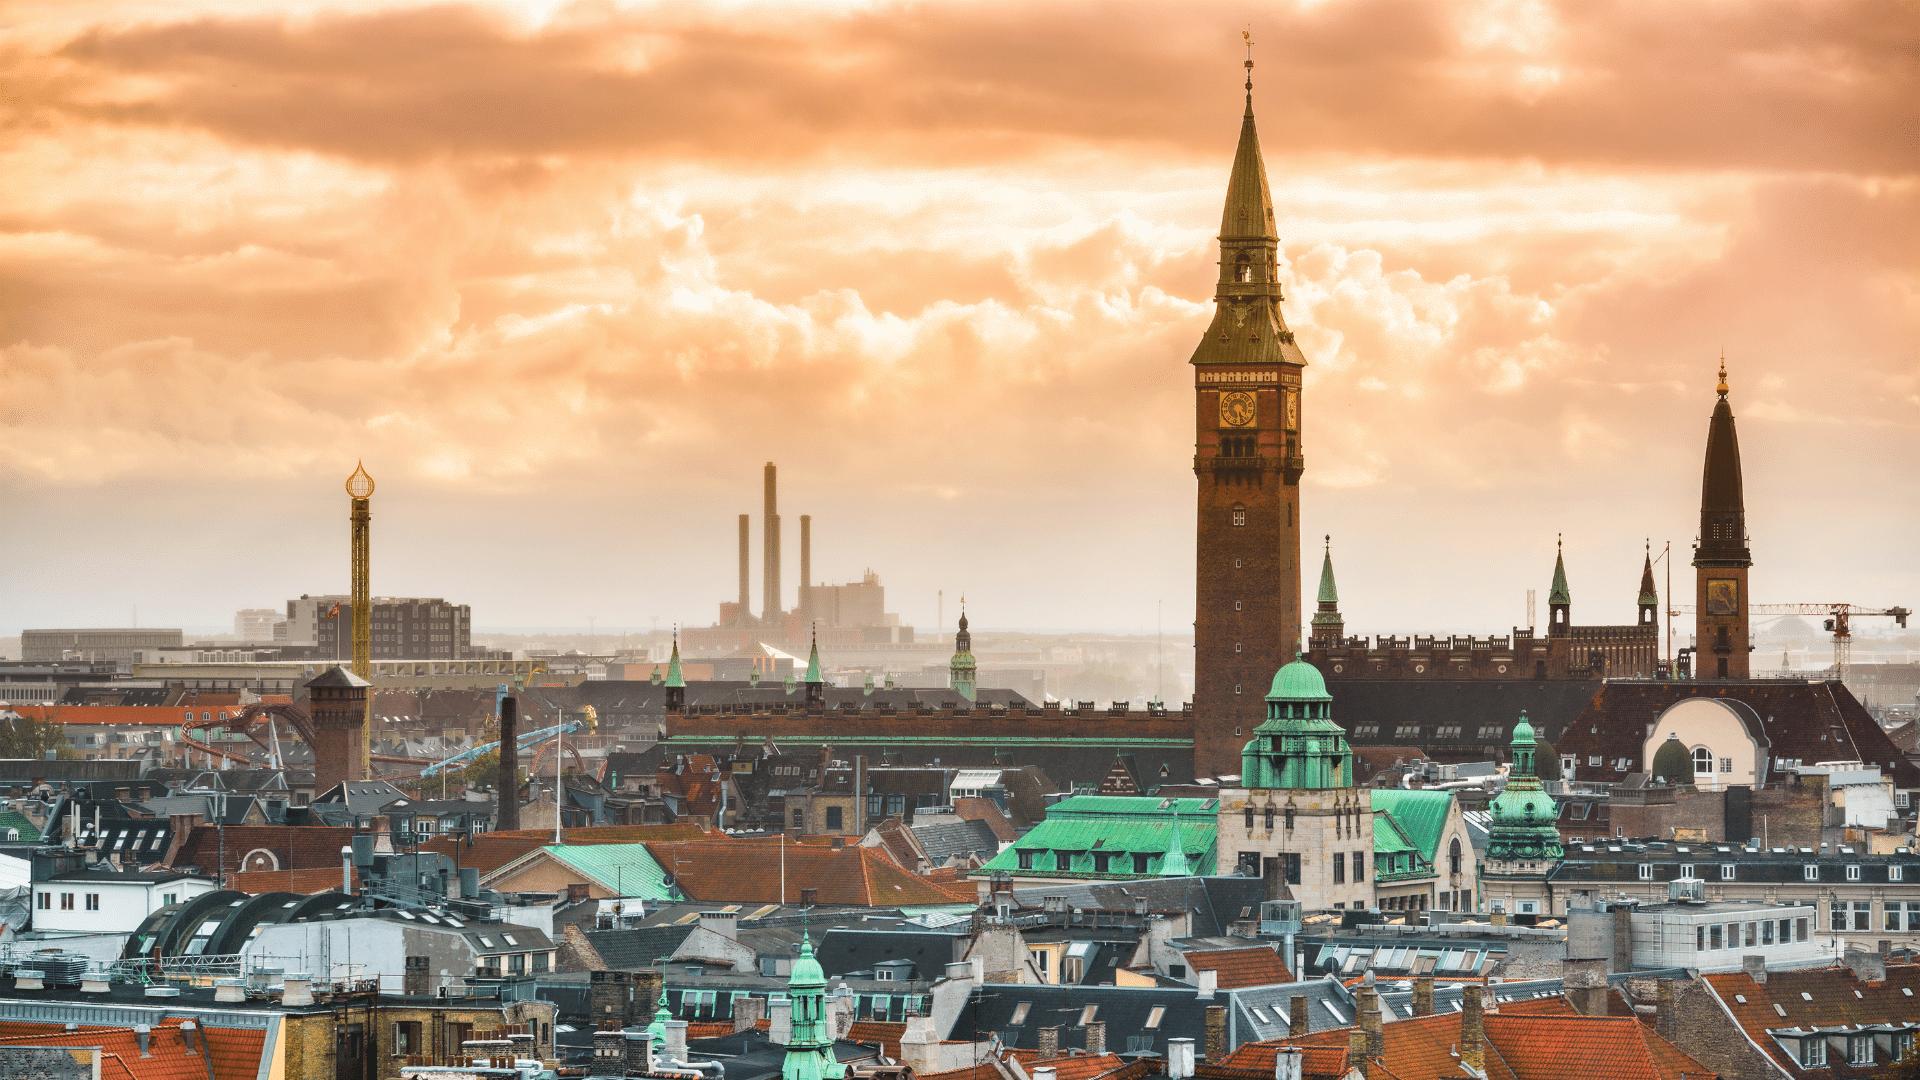 【世界で一番幸せな国といわれるデンマーク、この国発祥「フォルケホイスコーレ」ってご存じですか?】